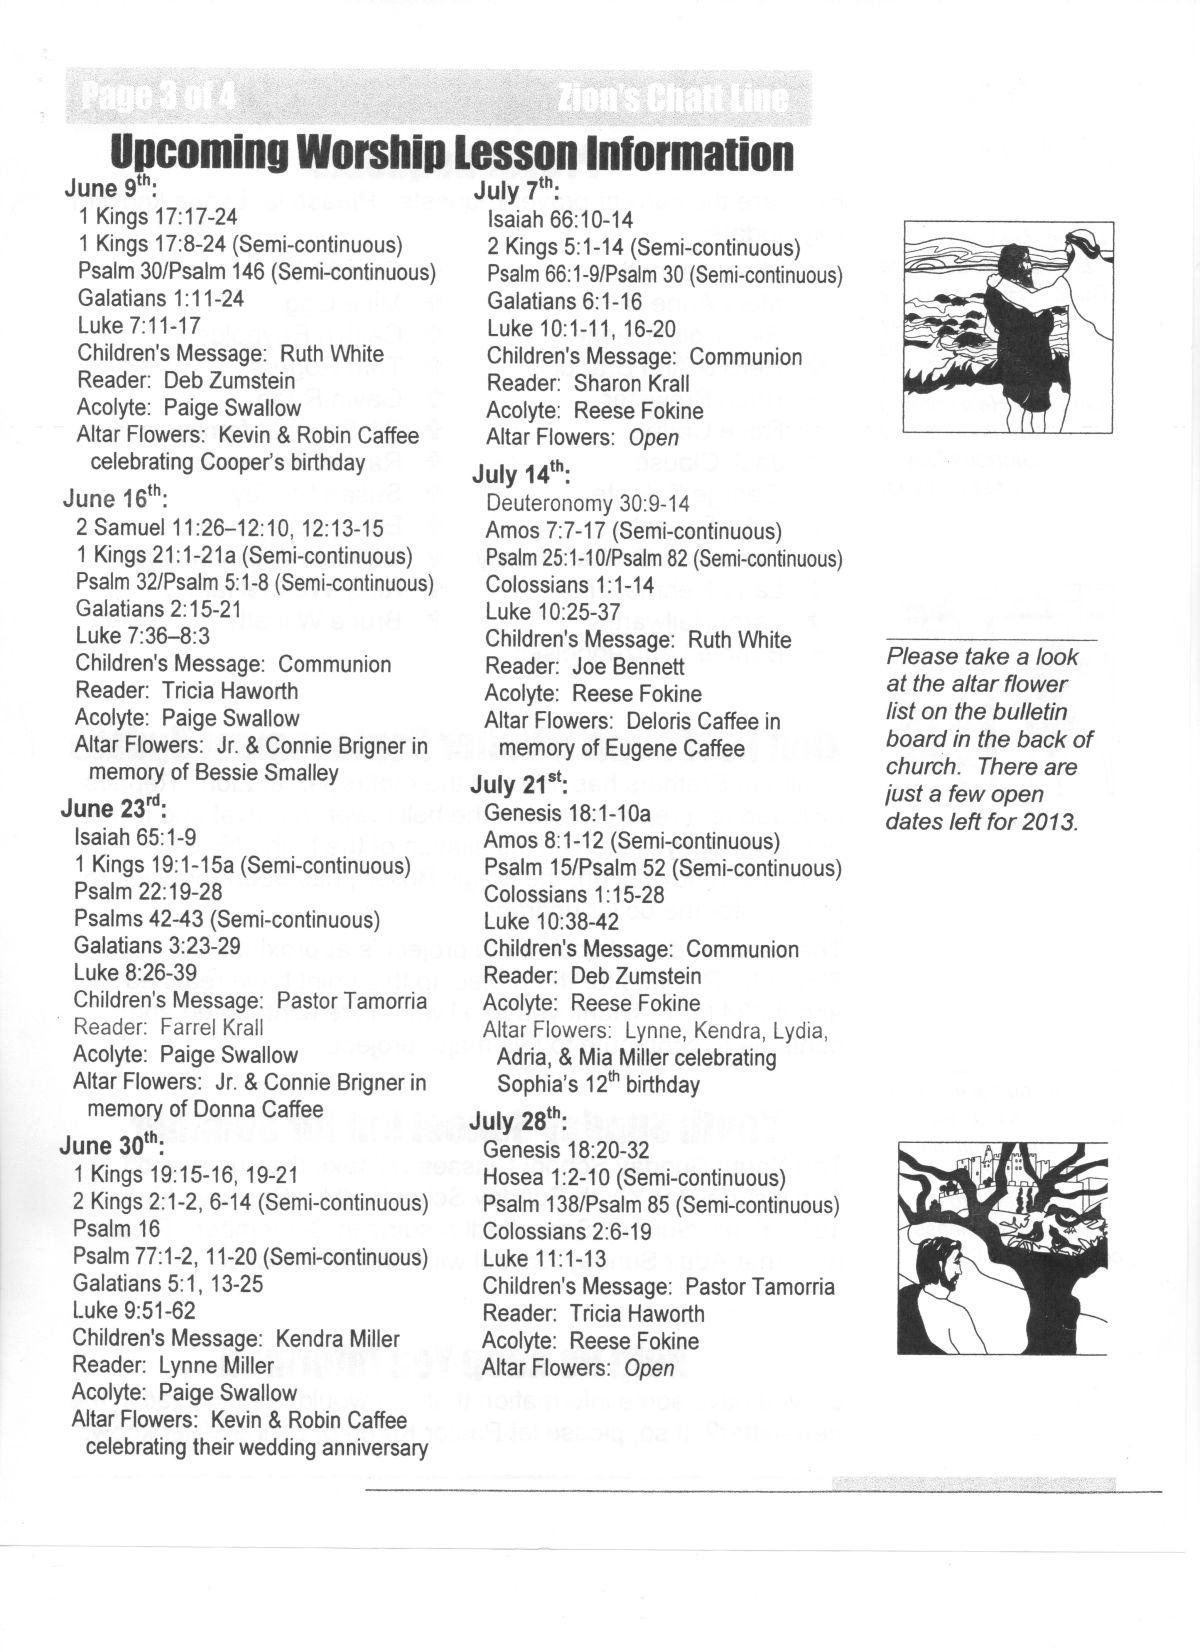 June 2013 p.3